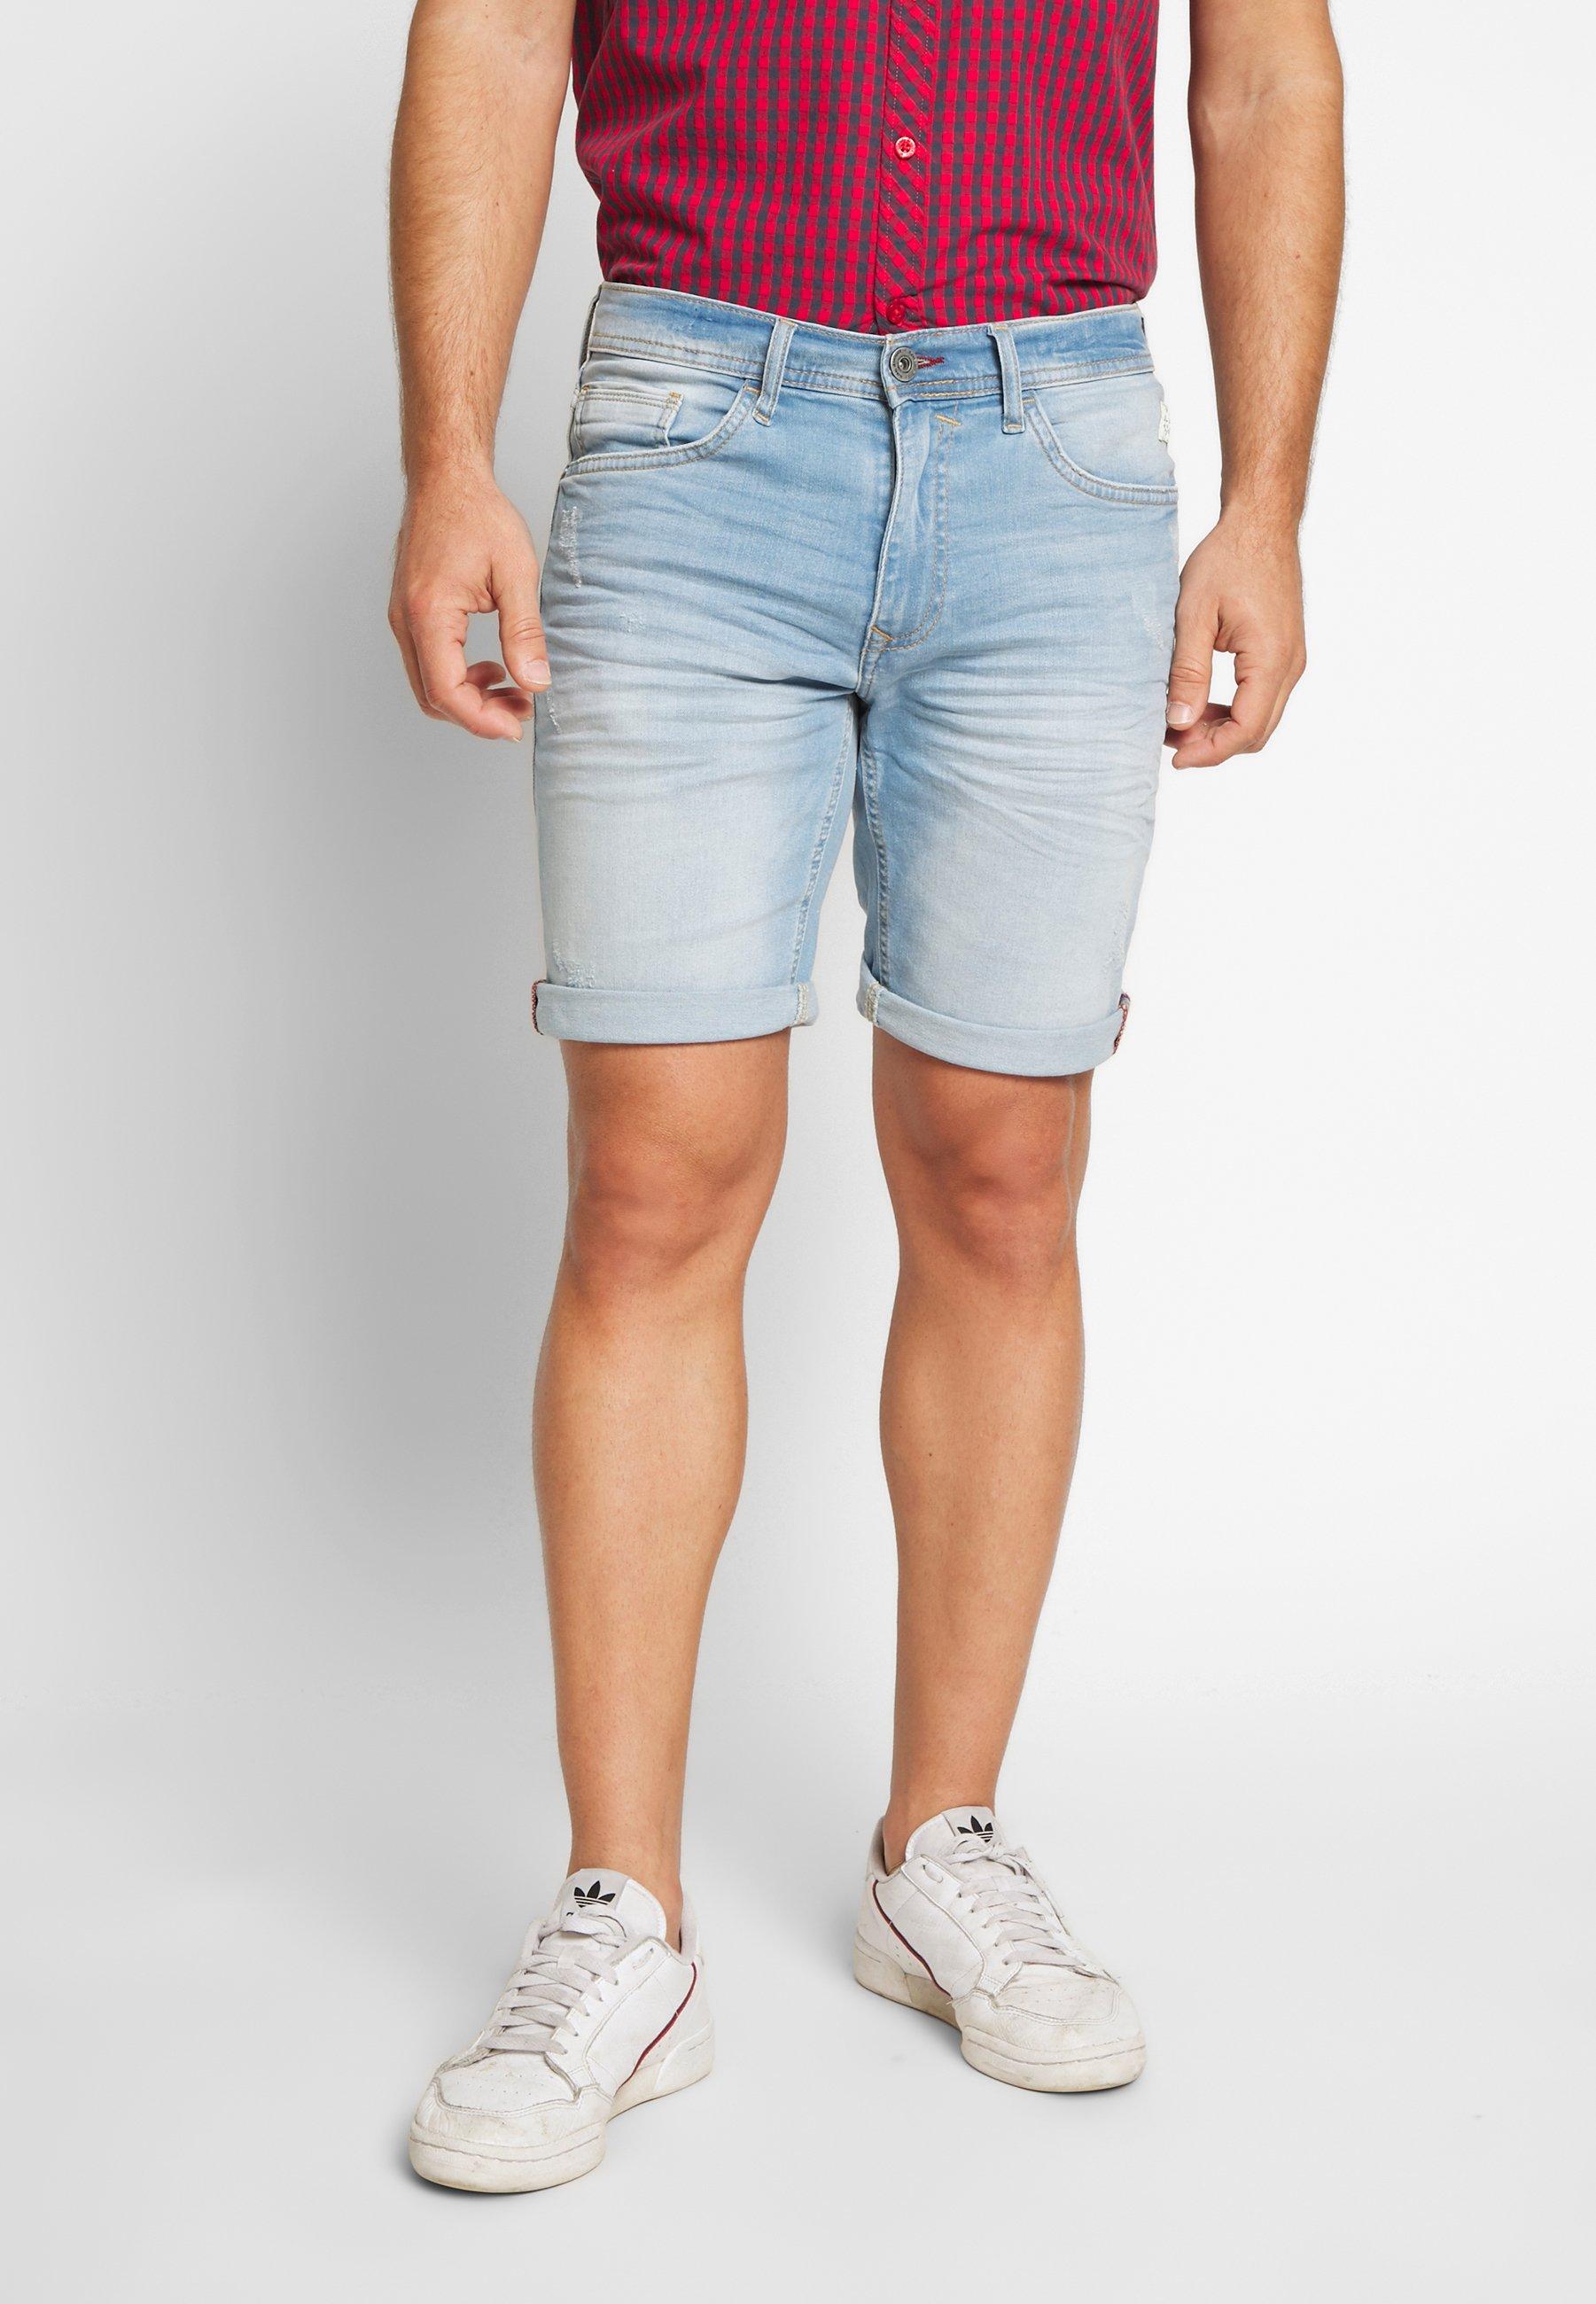 Blend Heren jeans online kopen | Gratis verzending | ZALANDO